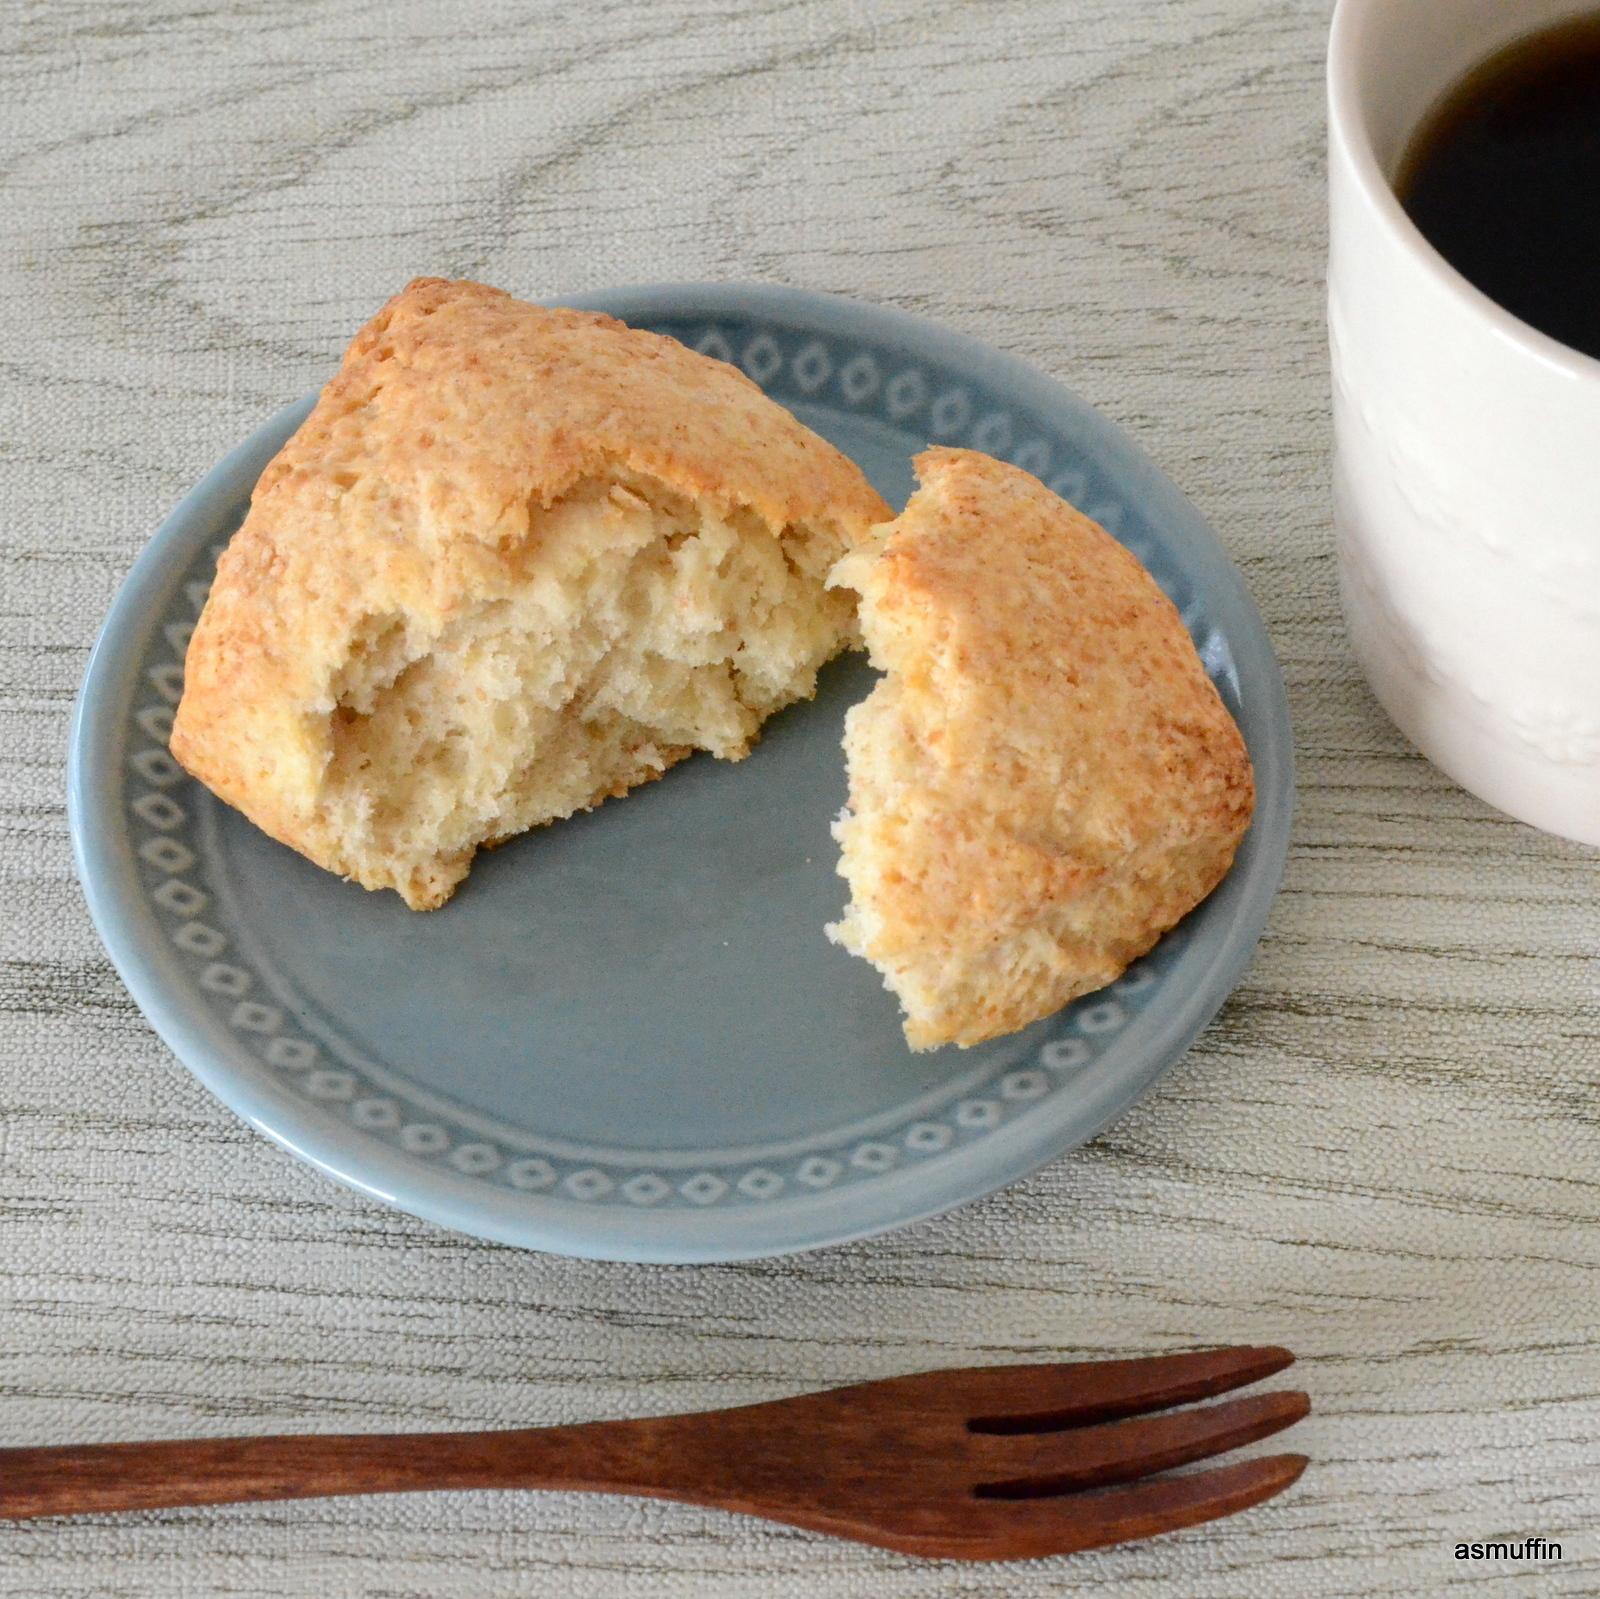 〔基本送料込み〕朝食マフィンセット